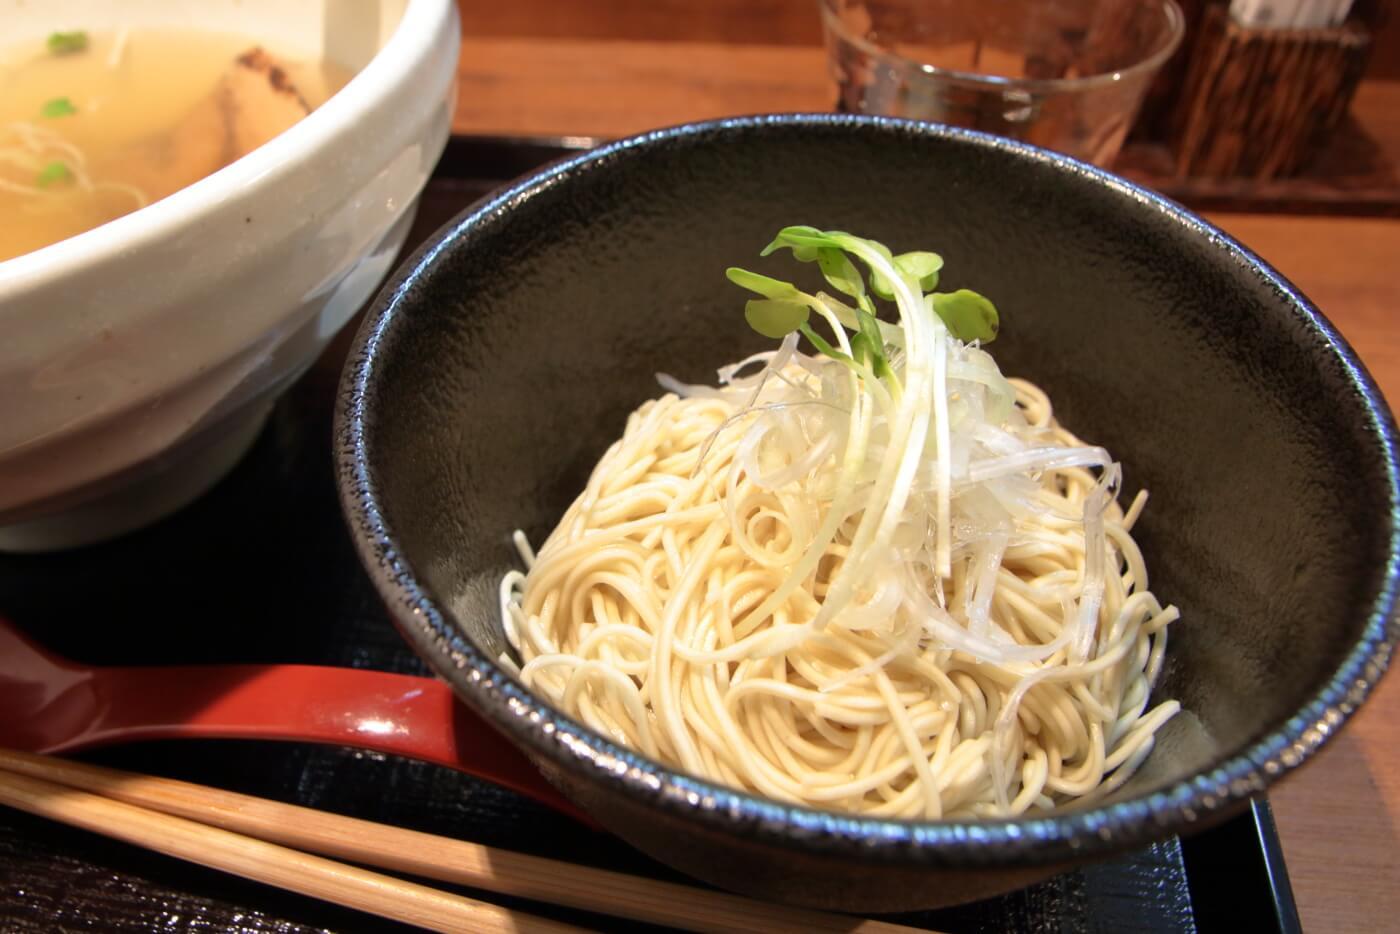 高知市帯屋町のラーメン屋なゆた鯛塩ラーメンの細麺替玉